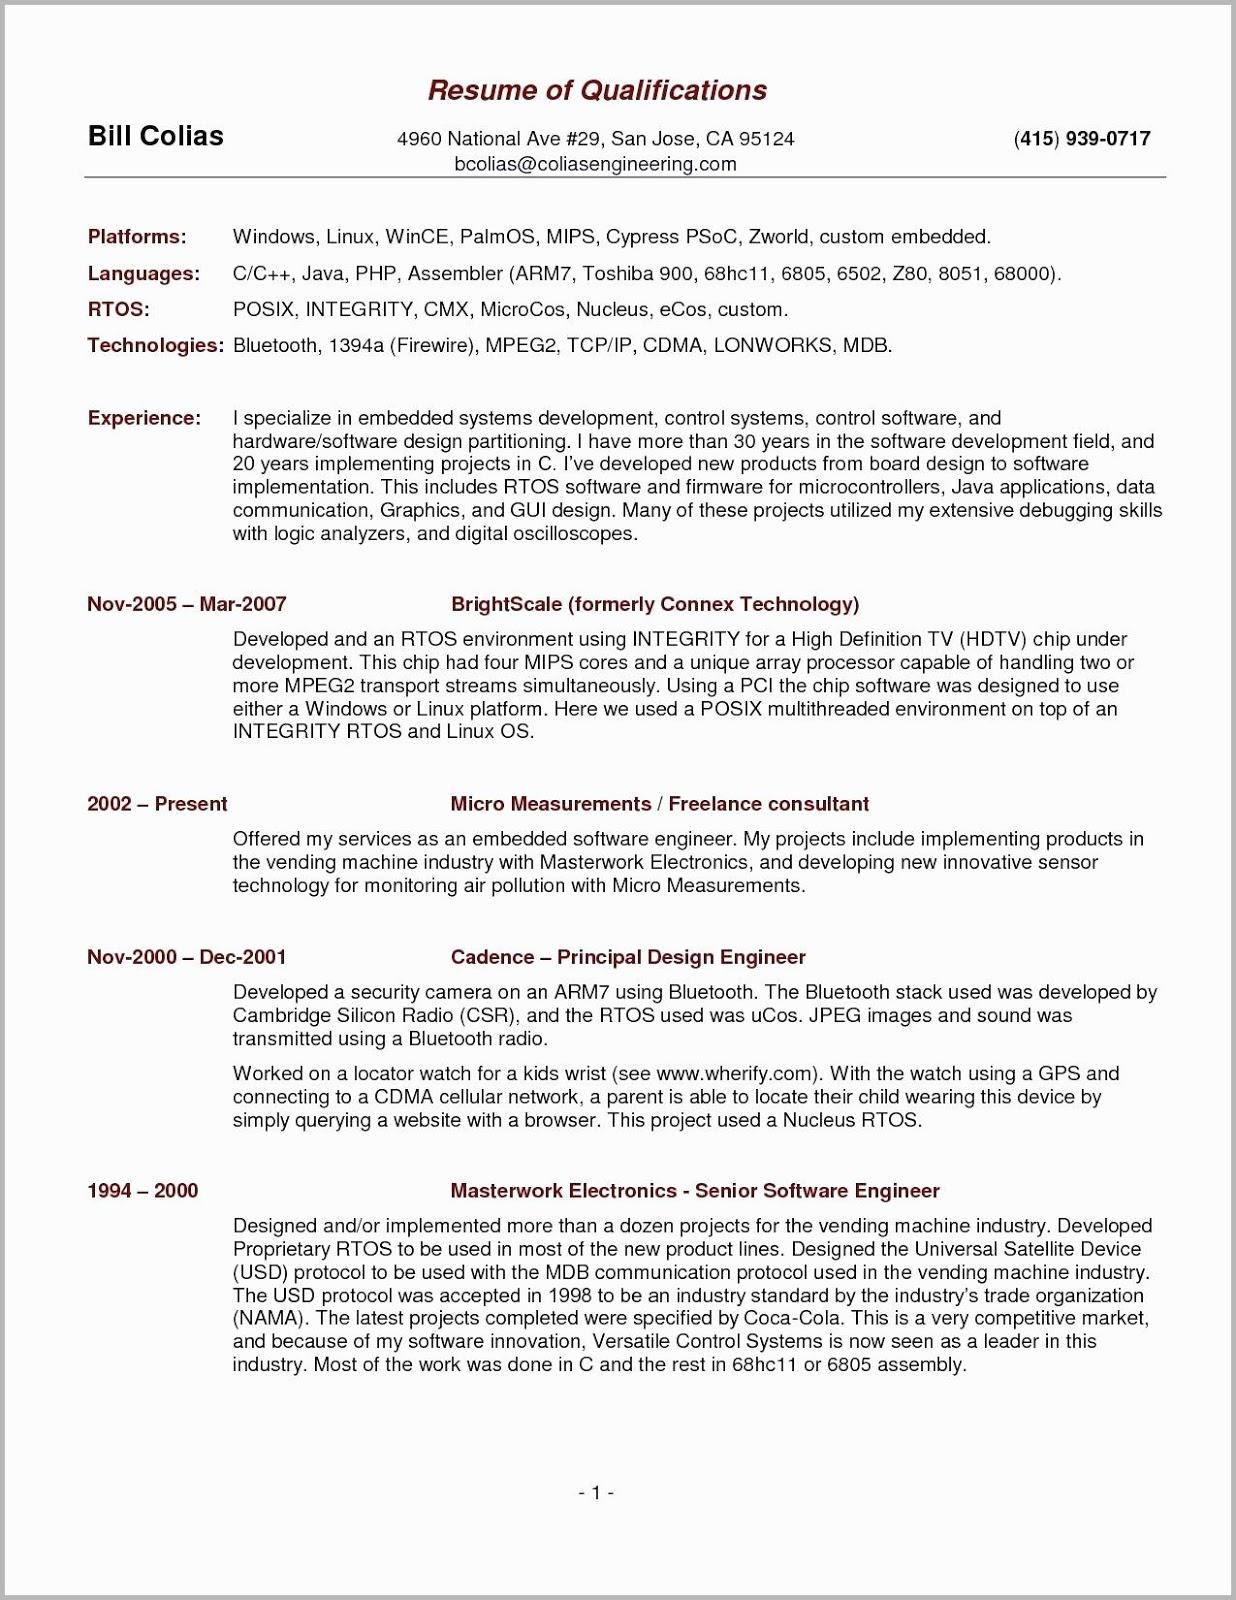 front desk resume examples, front desk receptionist resume sample 2019 , front desk gym resume sample 2019 , front office resume examples, front desk resume sample 2020, hotel front desk resume examples, front desk resume objective examples, gym front desk resume examples, front desk clerk resume examples, medical front desk resume examples, front desk agent resume examples, front desk manager resume examples, front desk jobs resume examples,